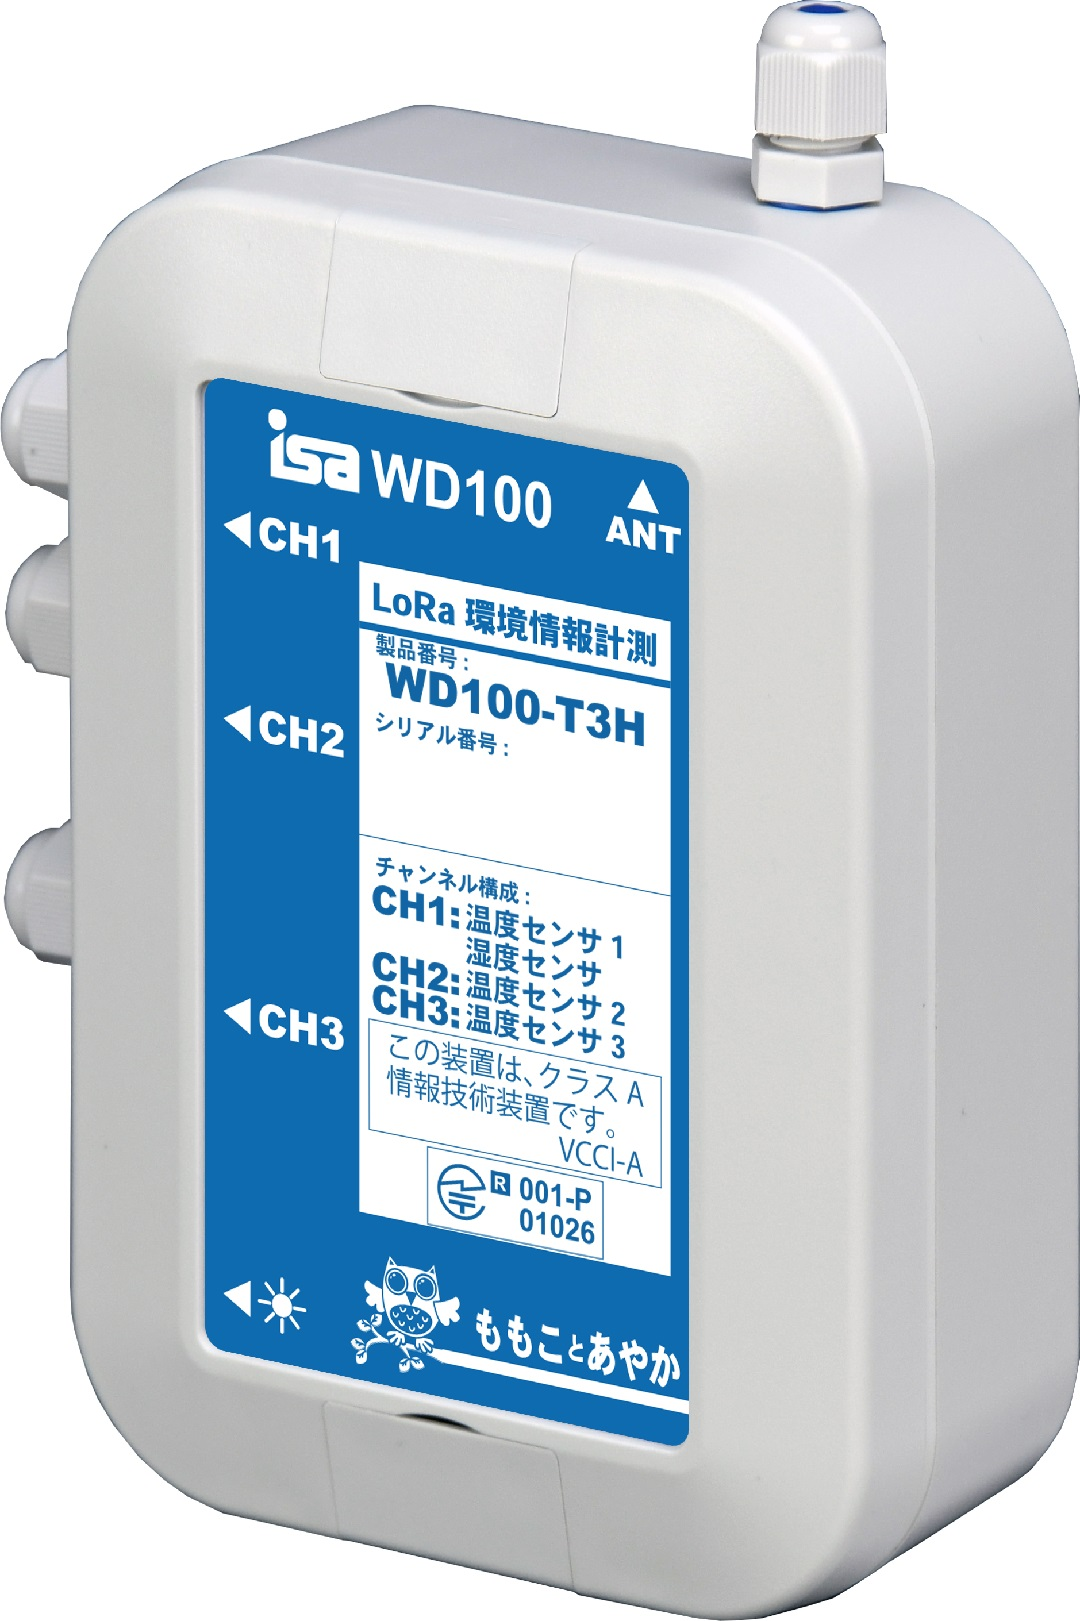 [ 無線通信 ] WD100-T3H画像